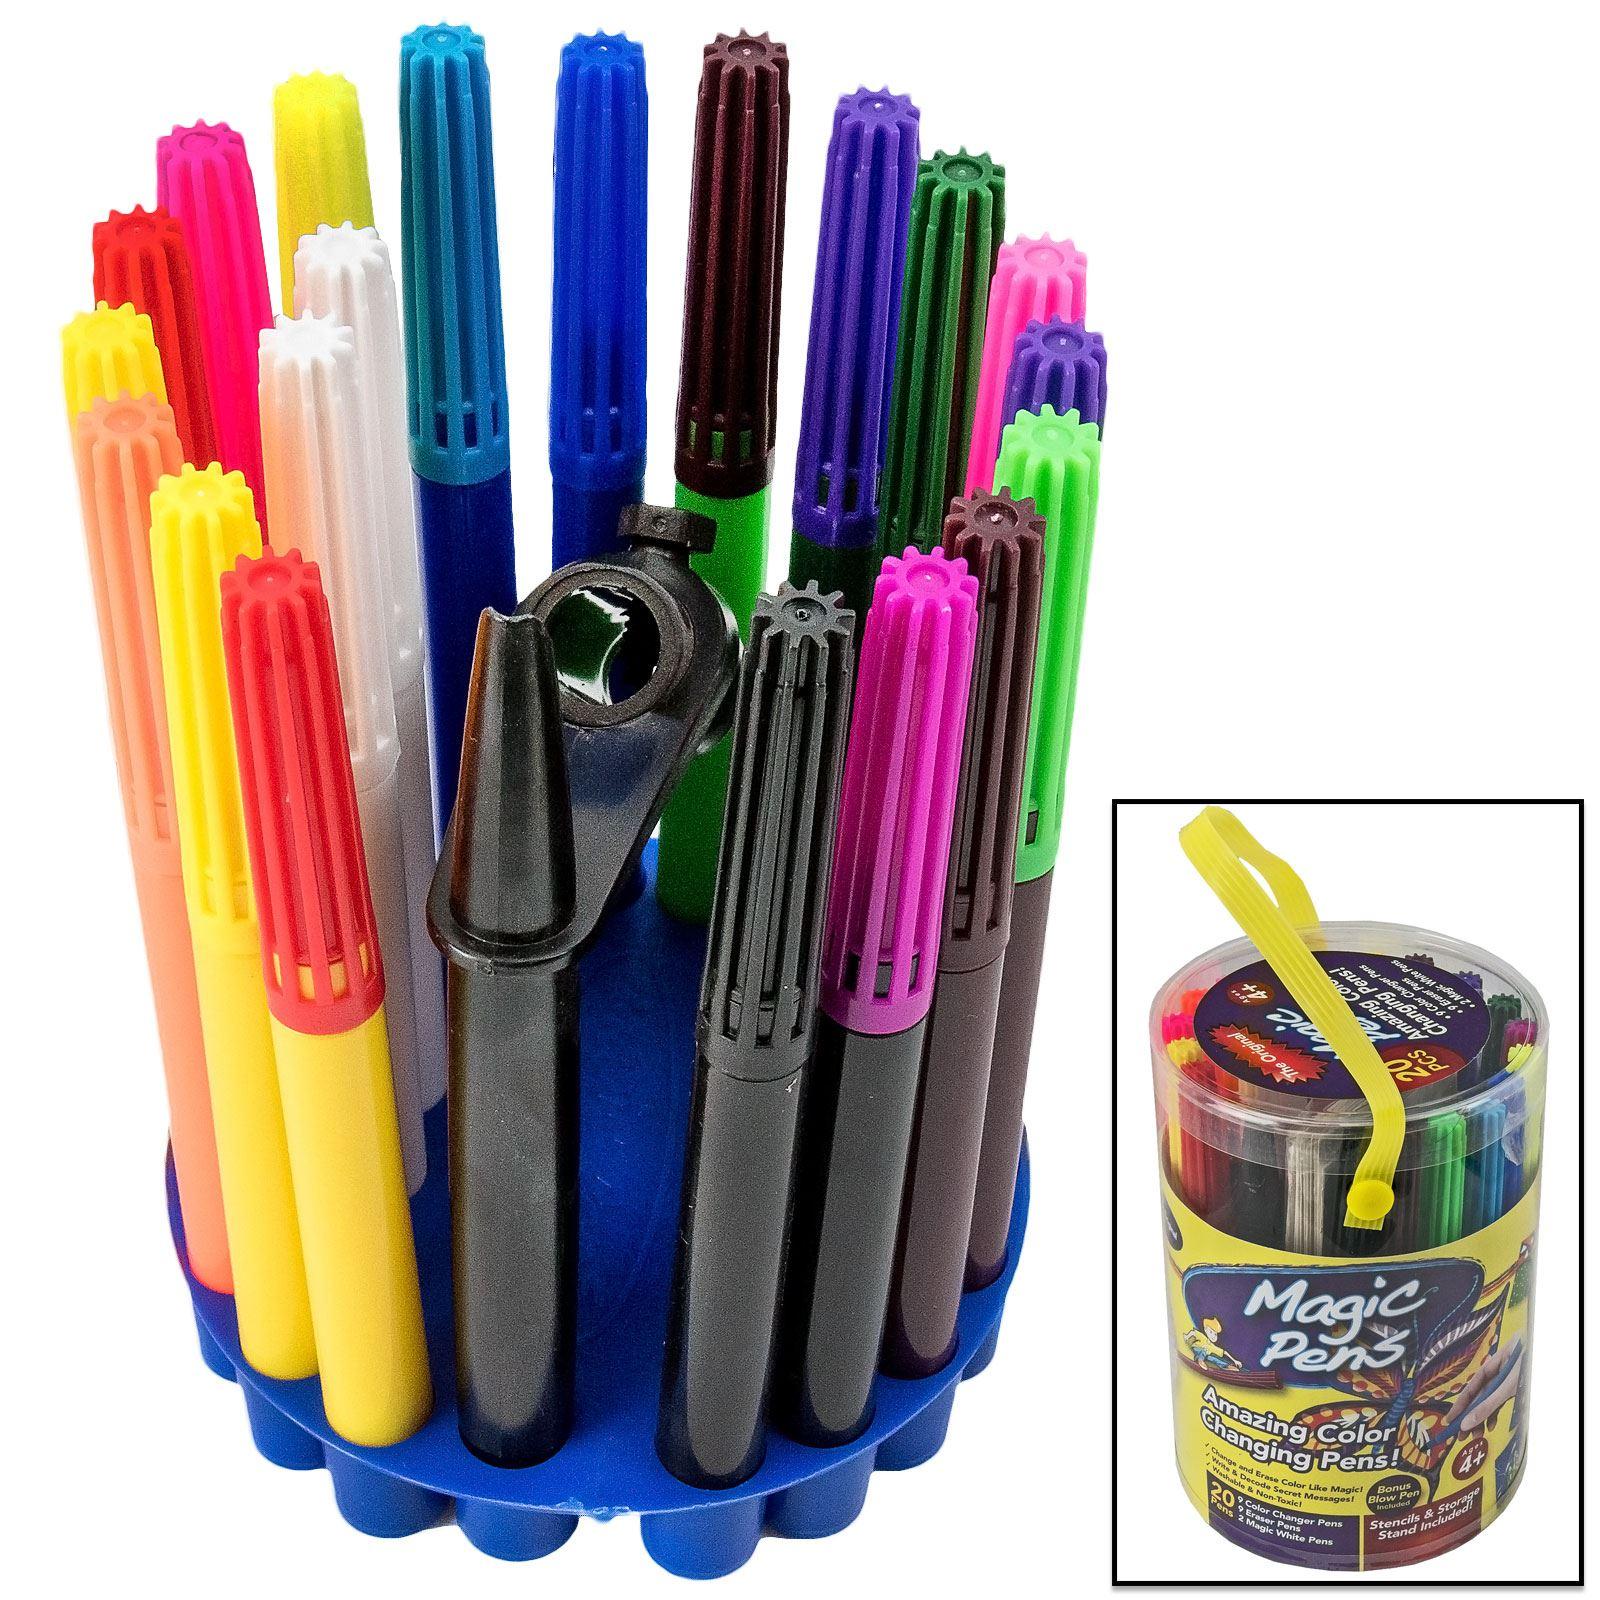 magic pen 爱词霸权威在线词典,为您提供magic_pen的中文意思,magic_pen的用法讲解,magic_pen的读音,magic_pen的同义词,magic_pen的反义词,magic_pen的例句等英语服务.